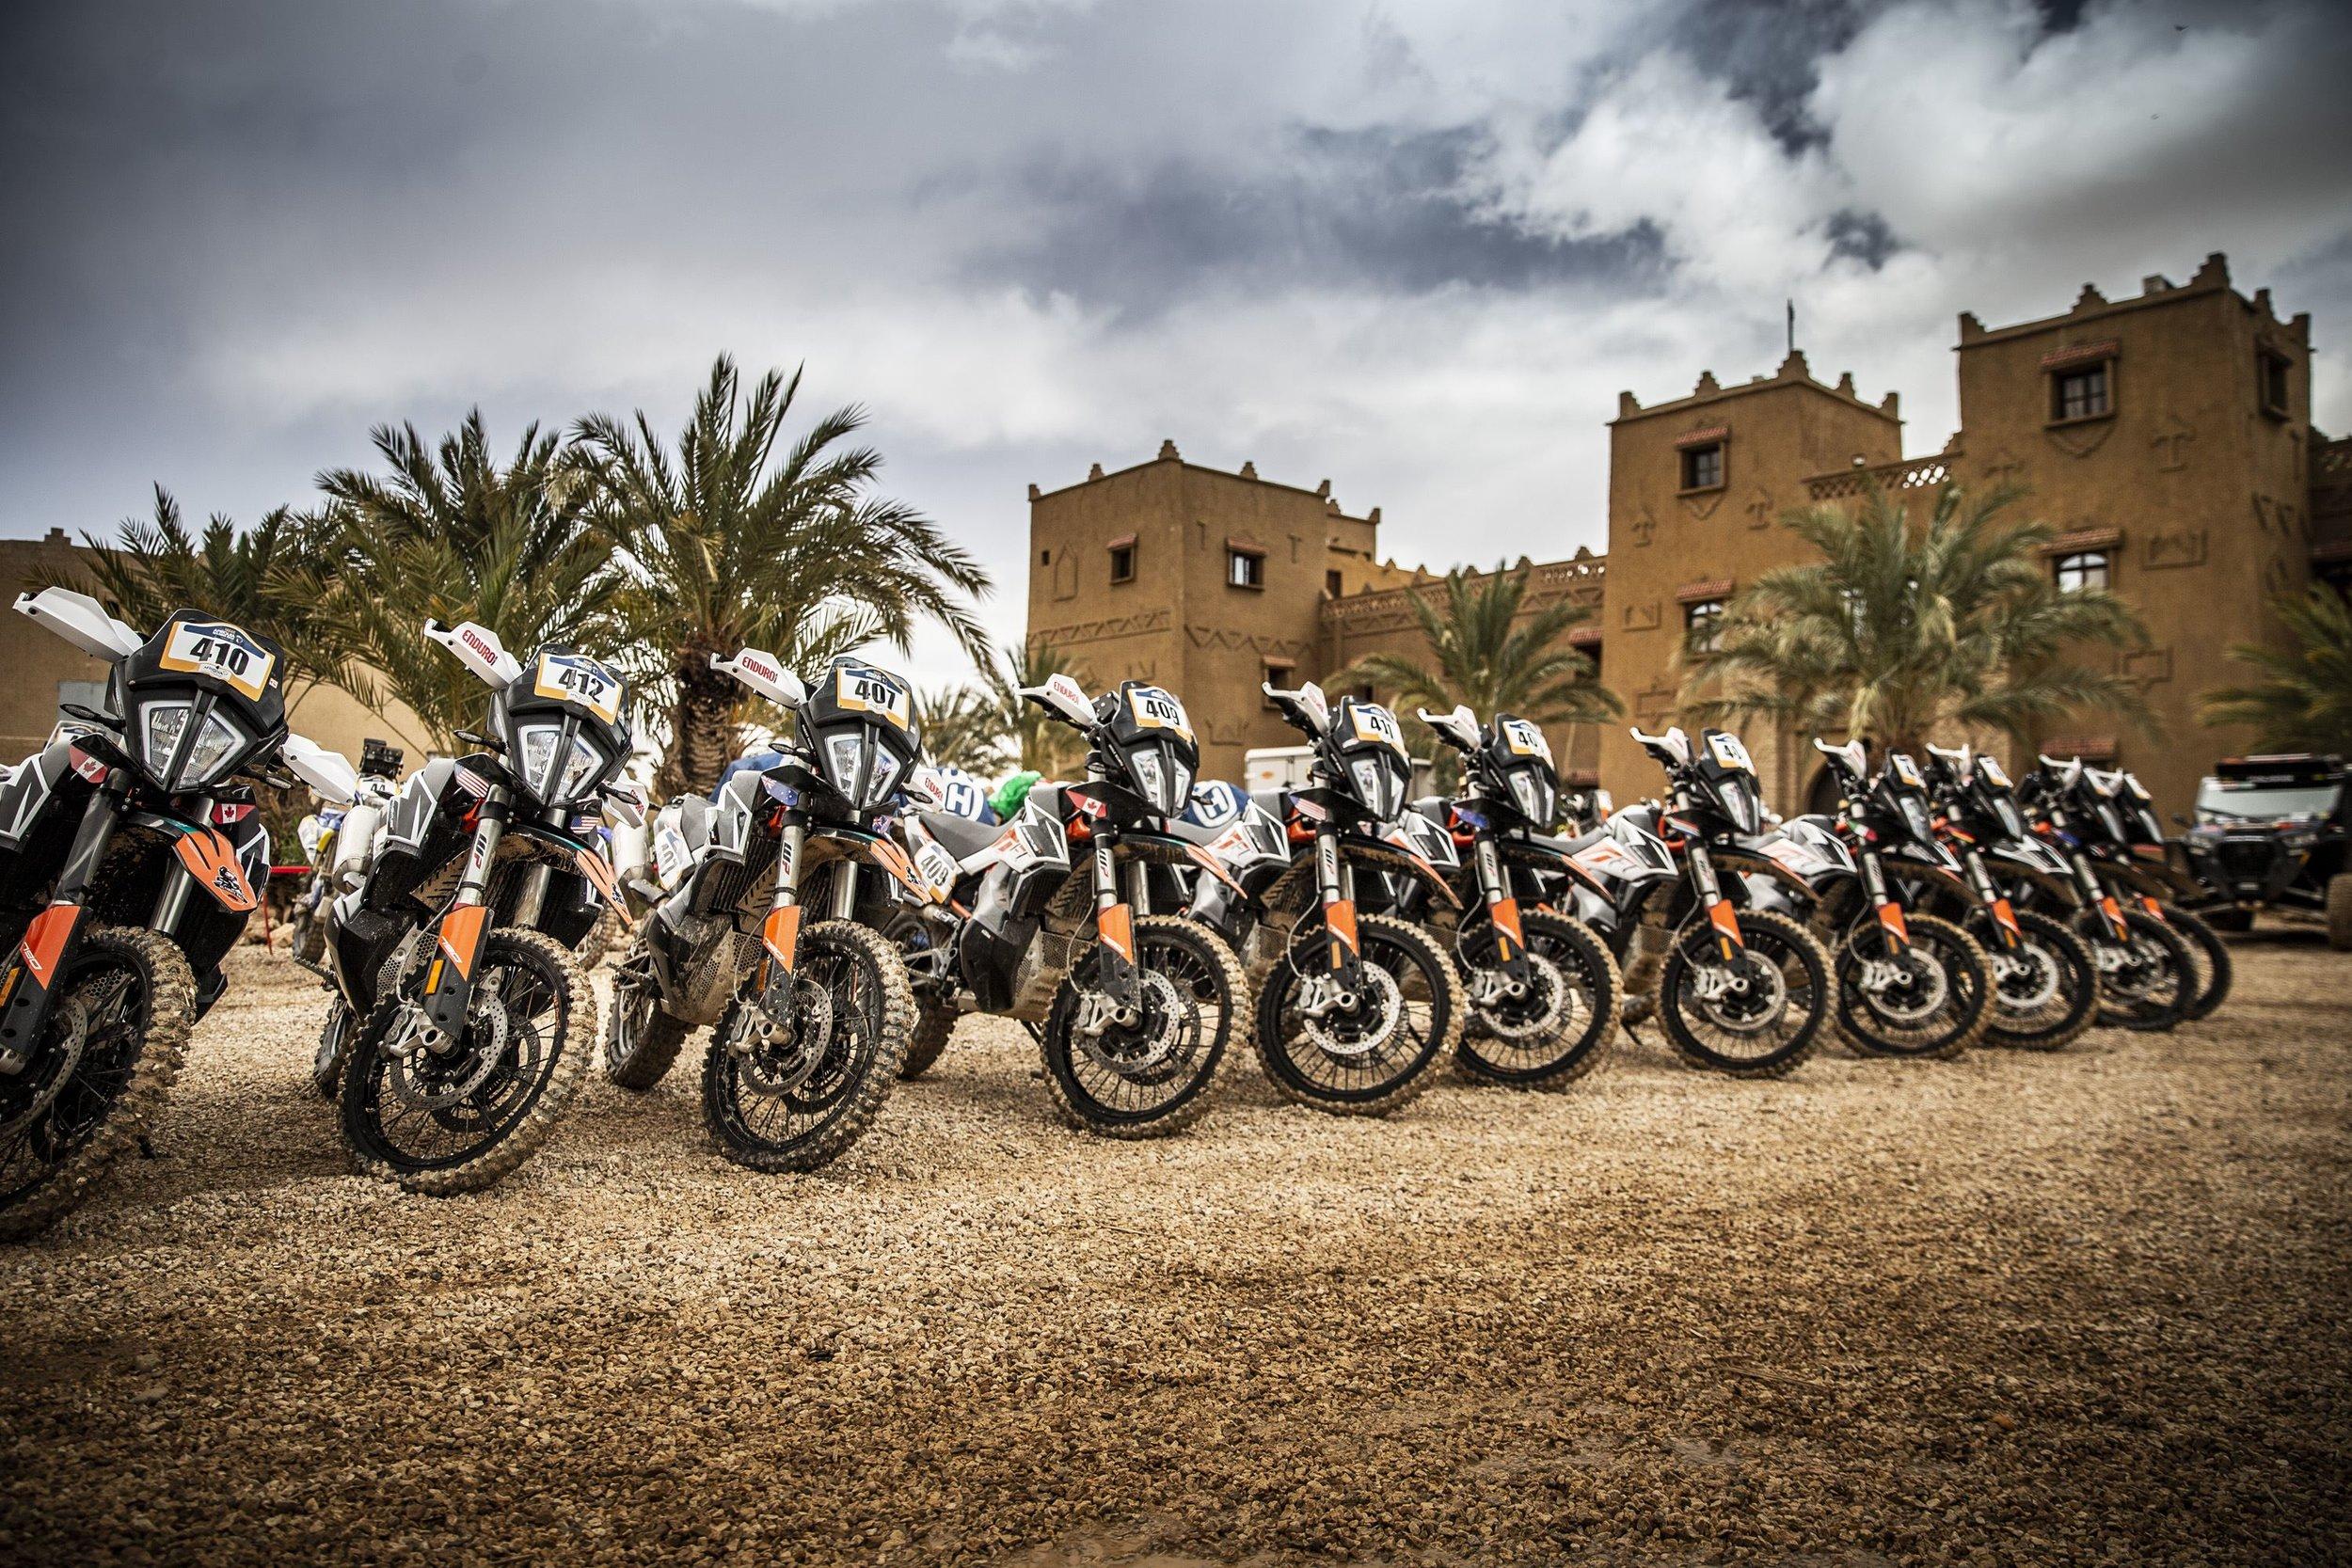 KTM 790 ADVENTURE R_KTM Ultimate Race 2019_02.jpg